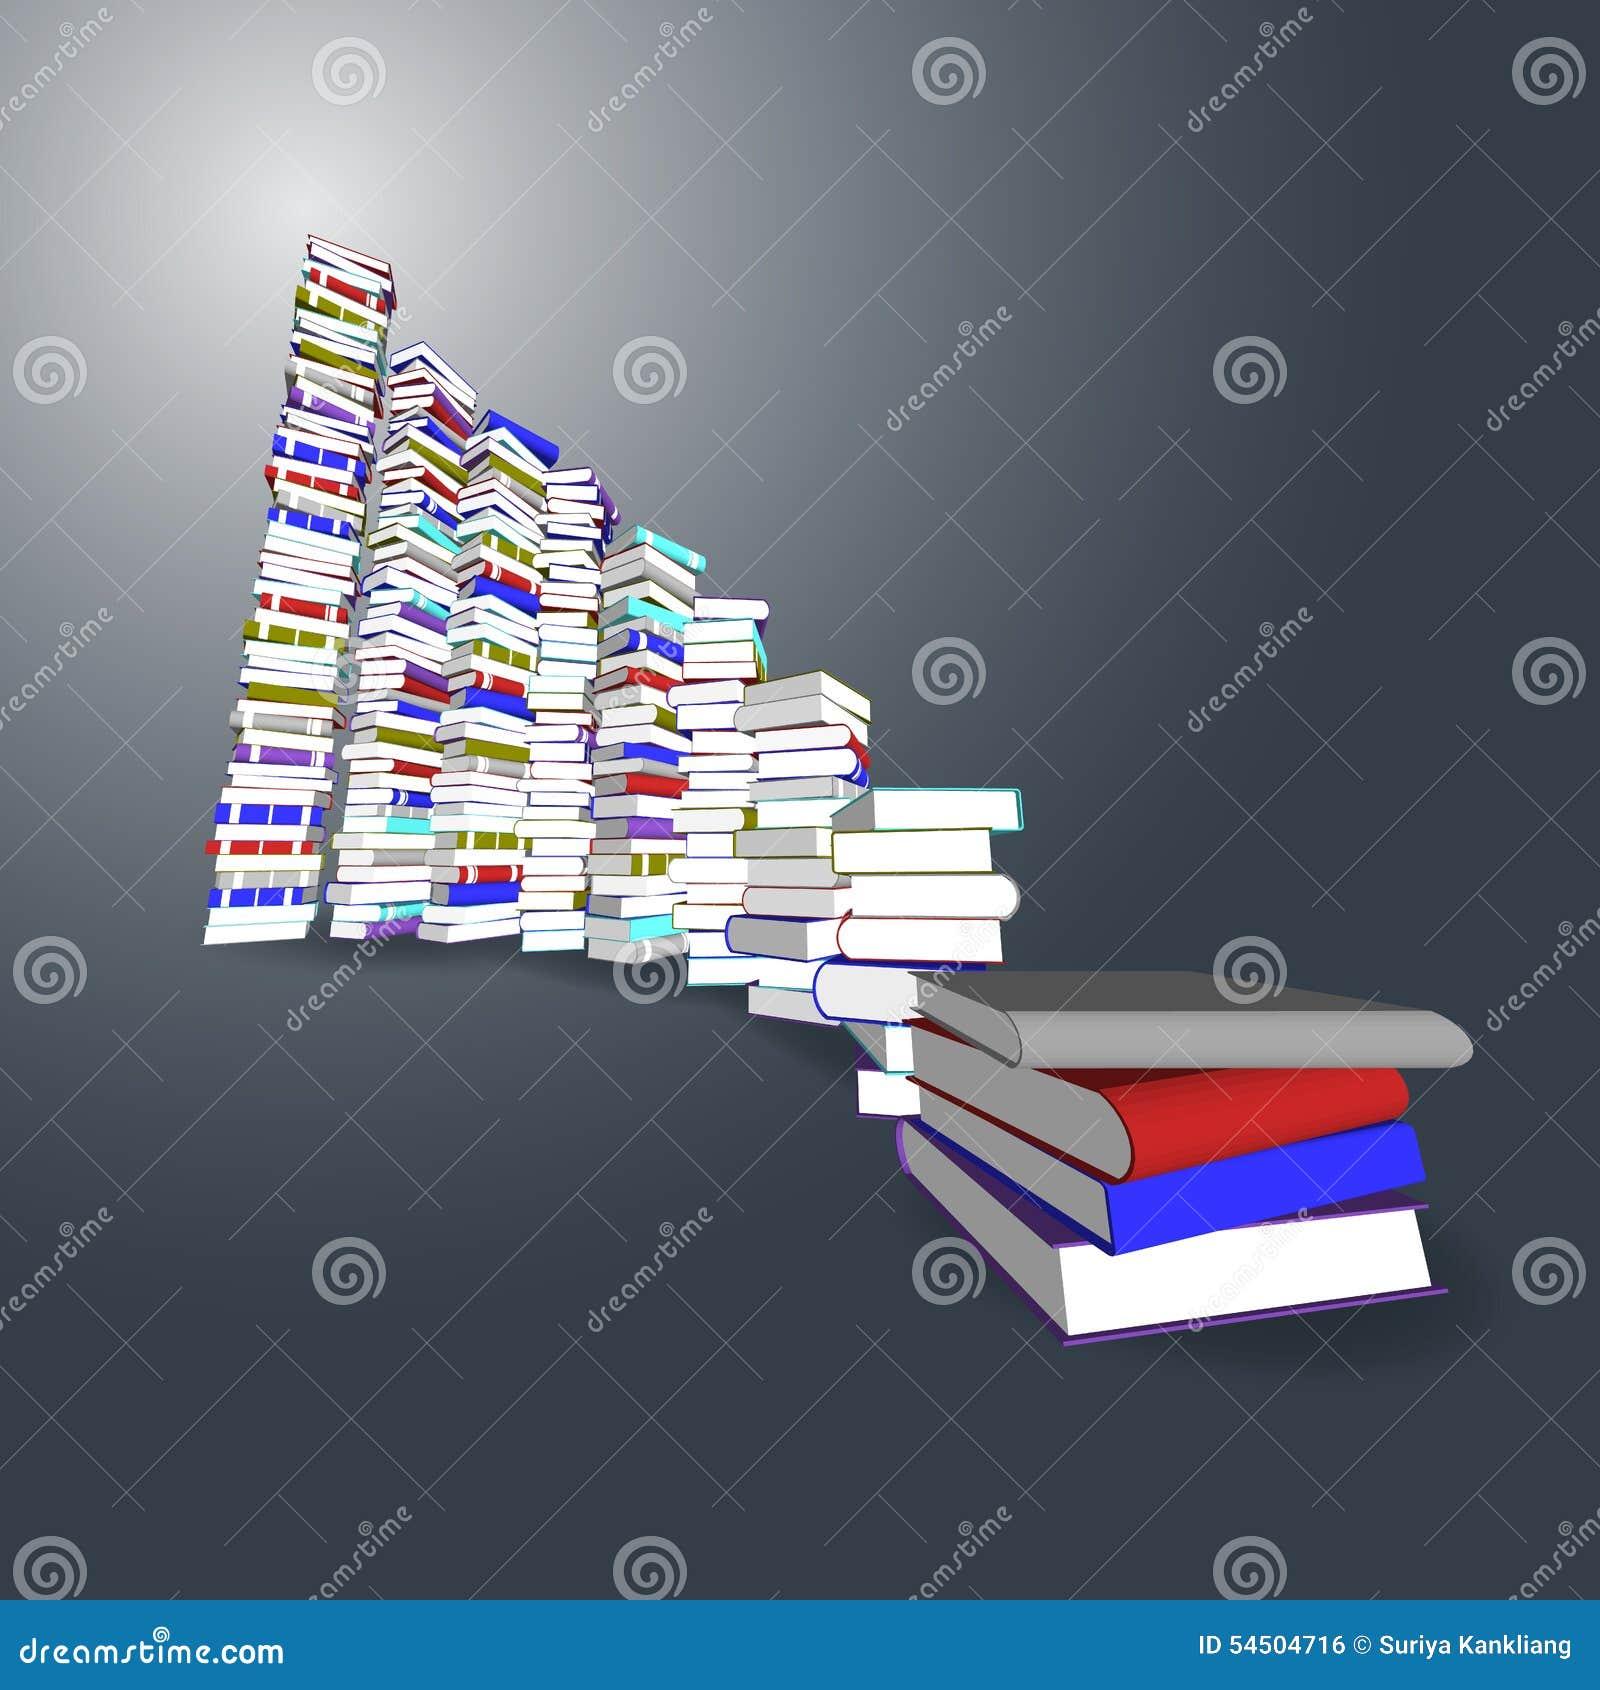 Tour et escalier colorés de livres